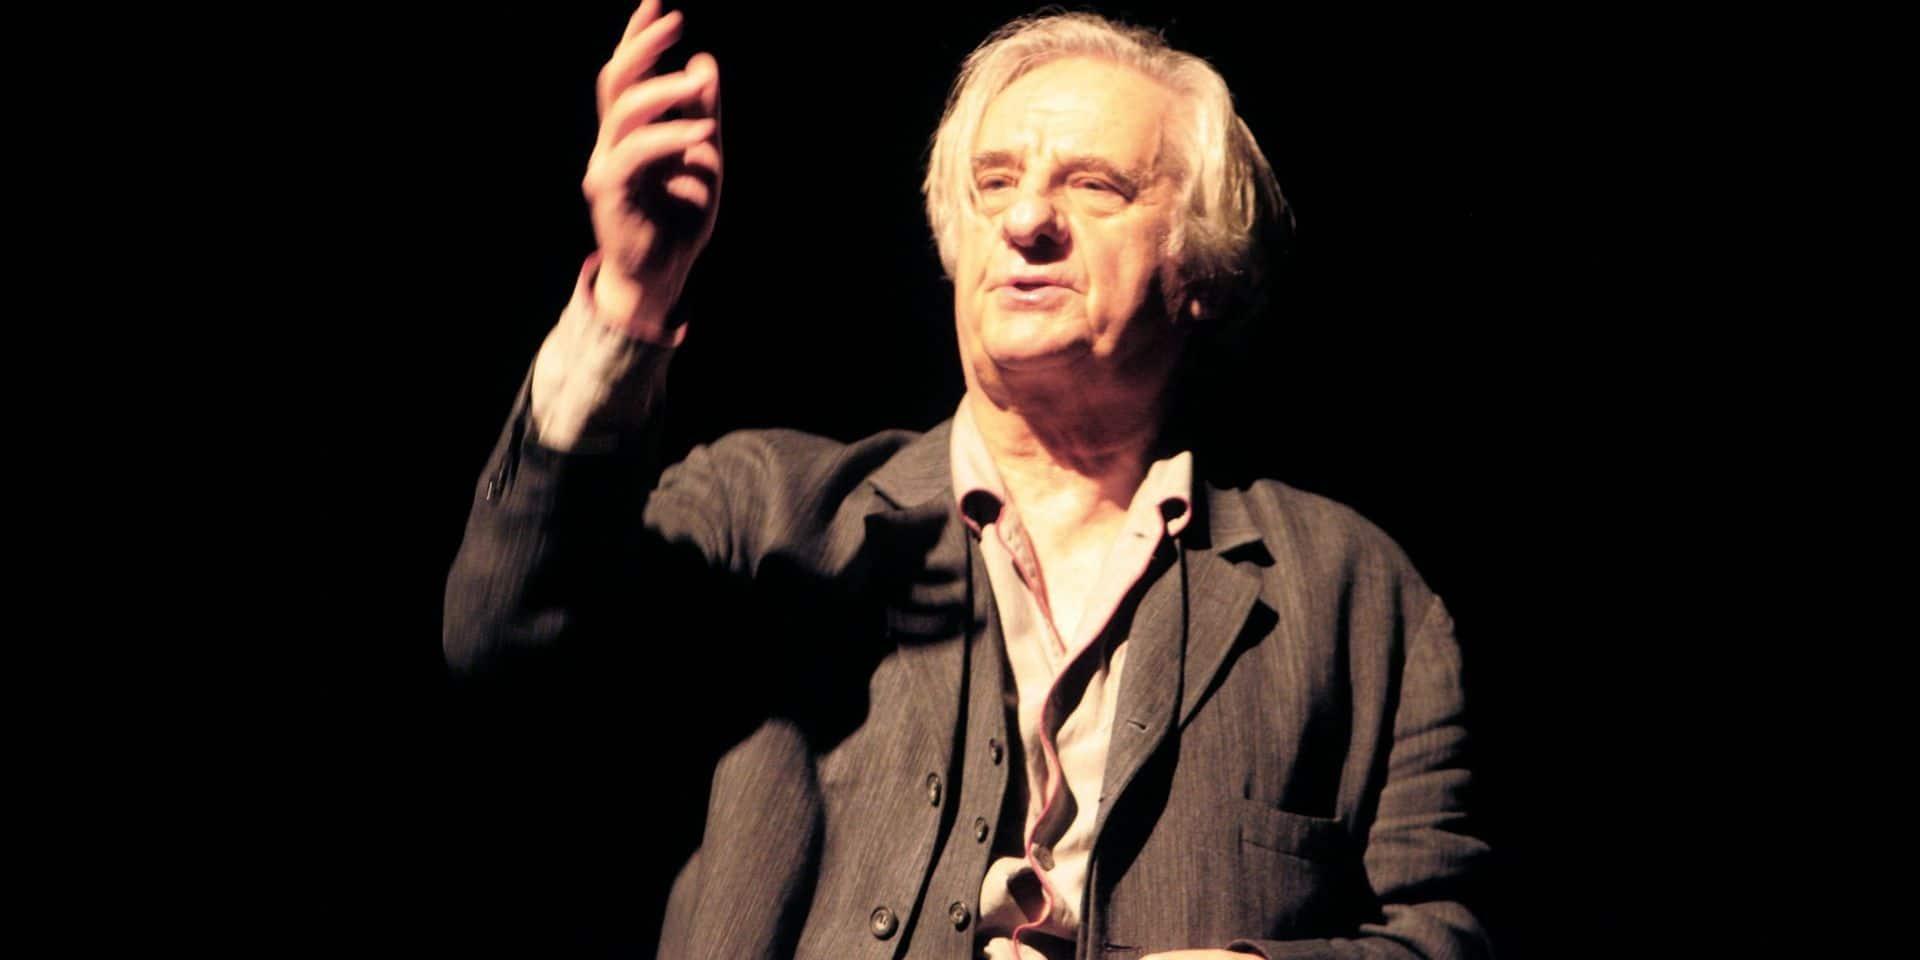 L'acteur français Michel Aumont est décédé à 82 ans